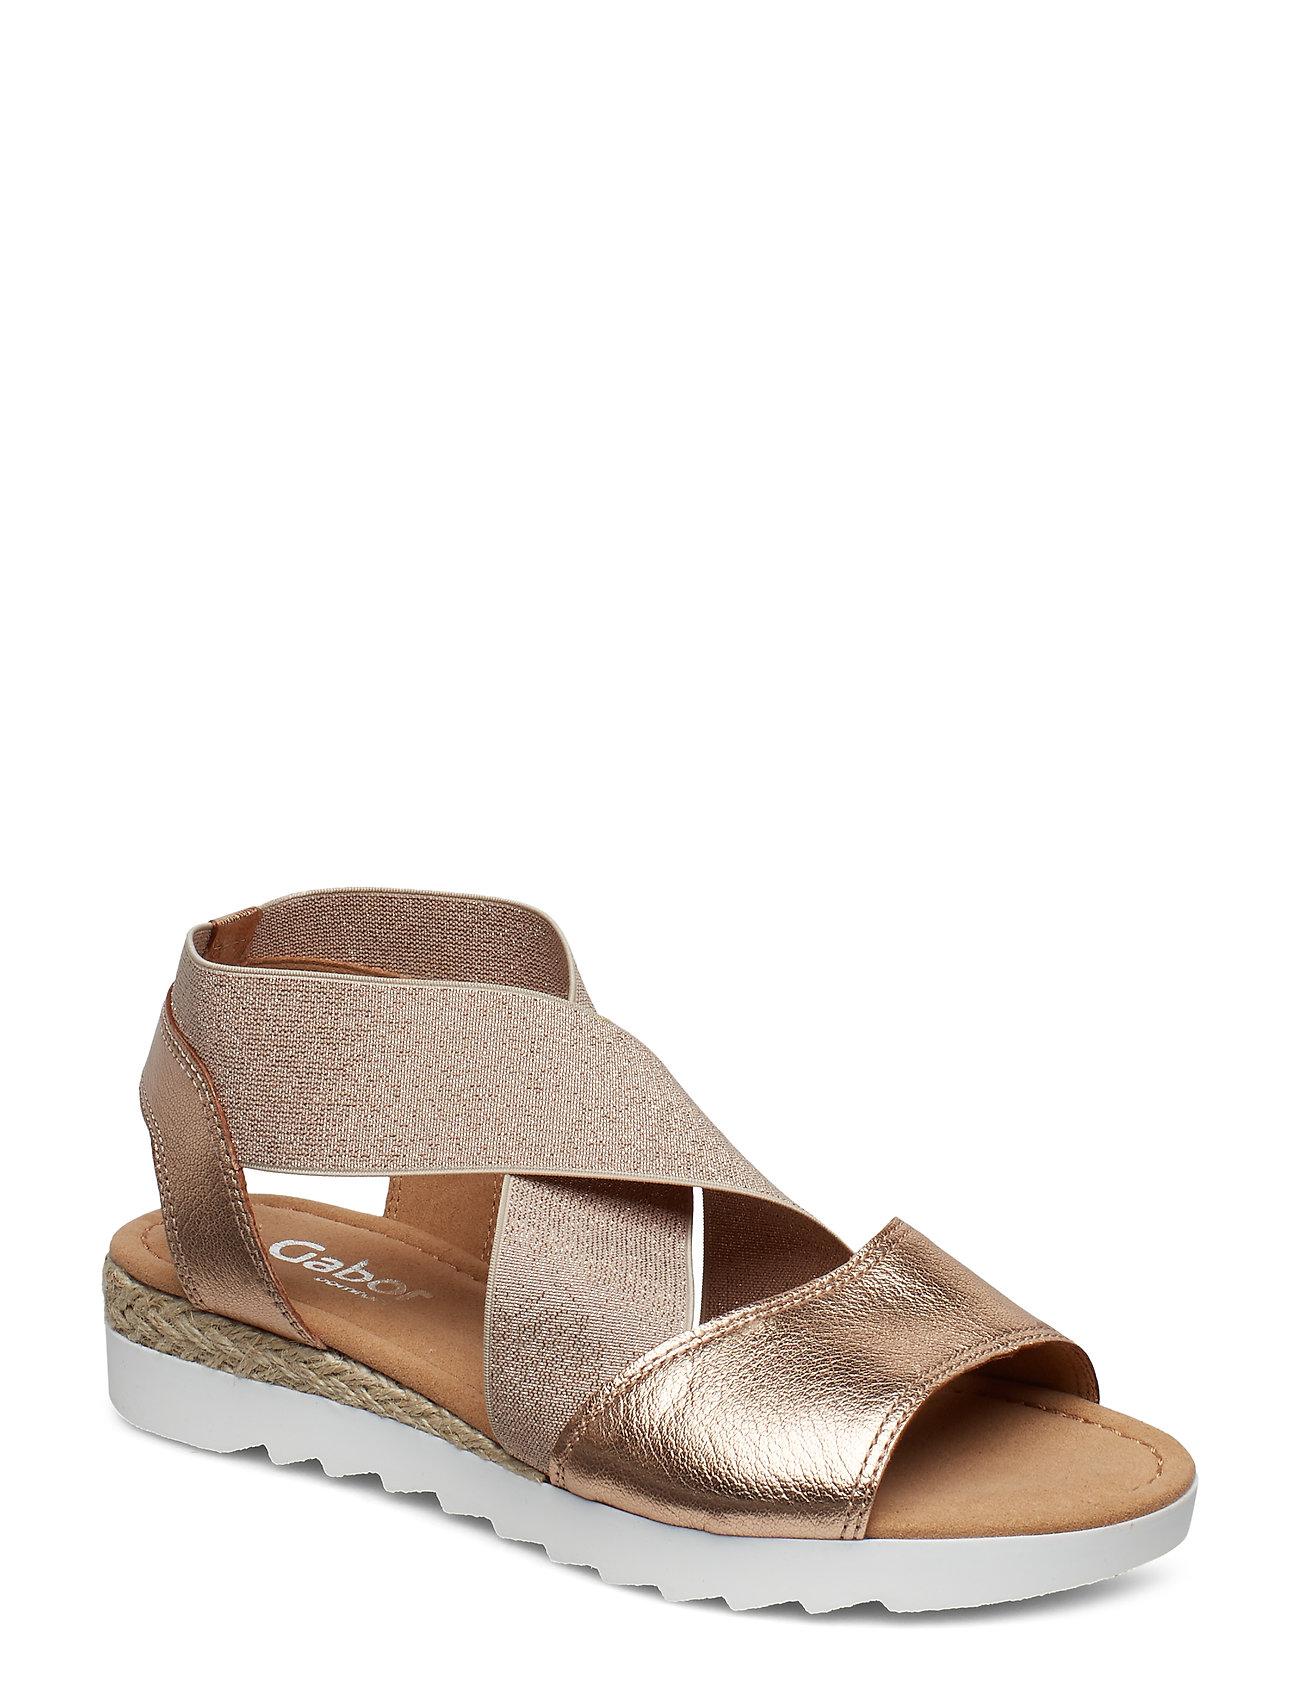 c5af053d668a Sling Sandals flade sandaler fra Gabor til dame i MULTI COLOURED ...